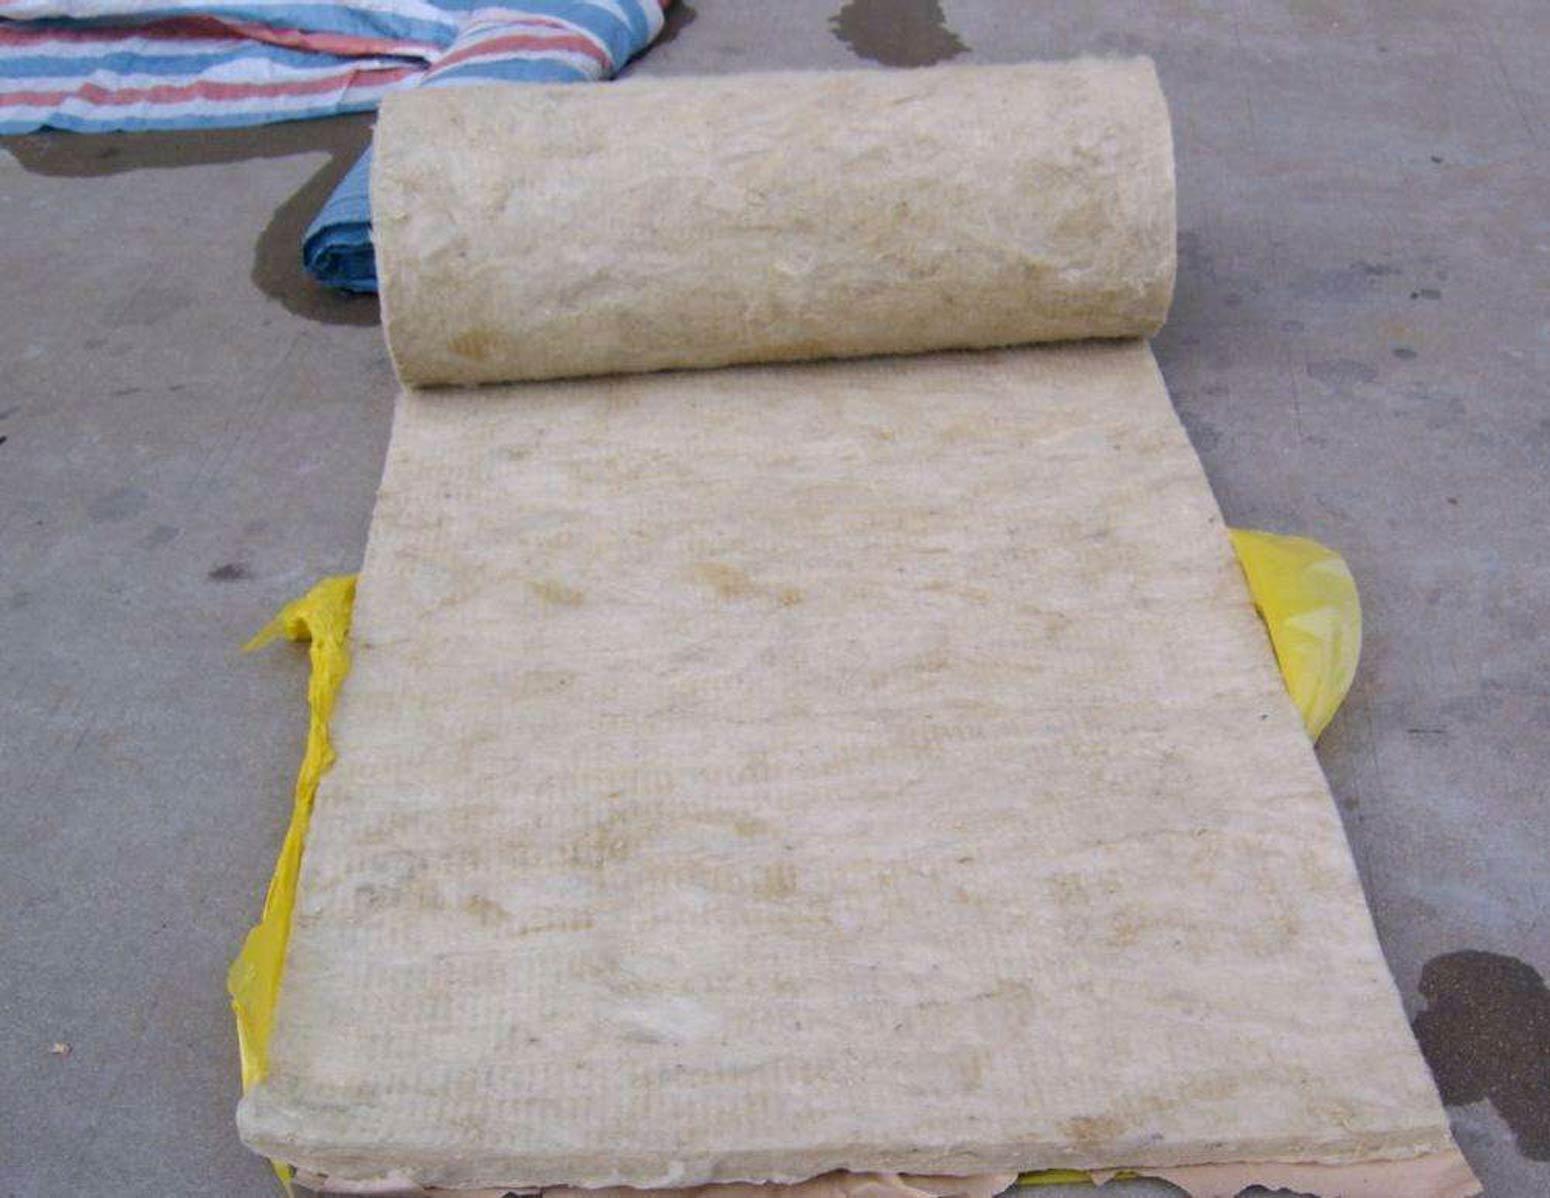 广州专用岩棉毡生产厂家,岩棉毡